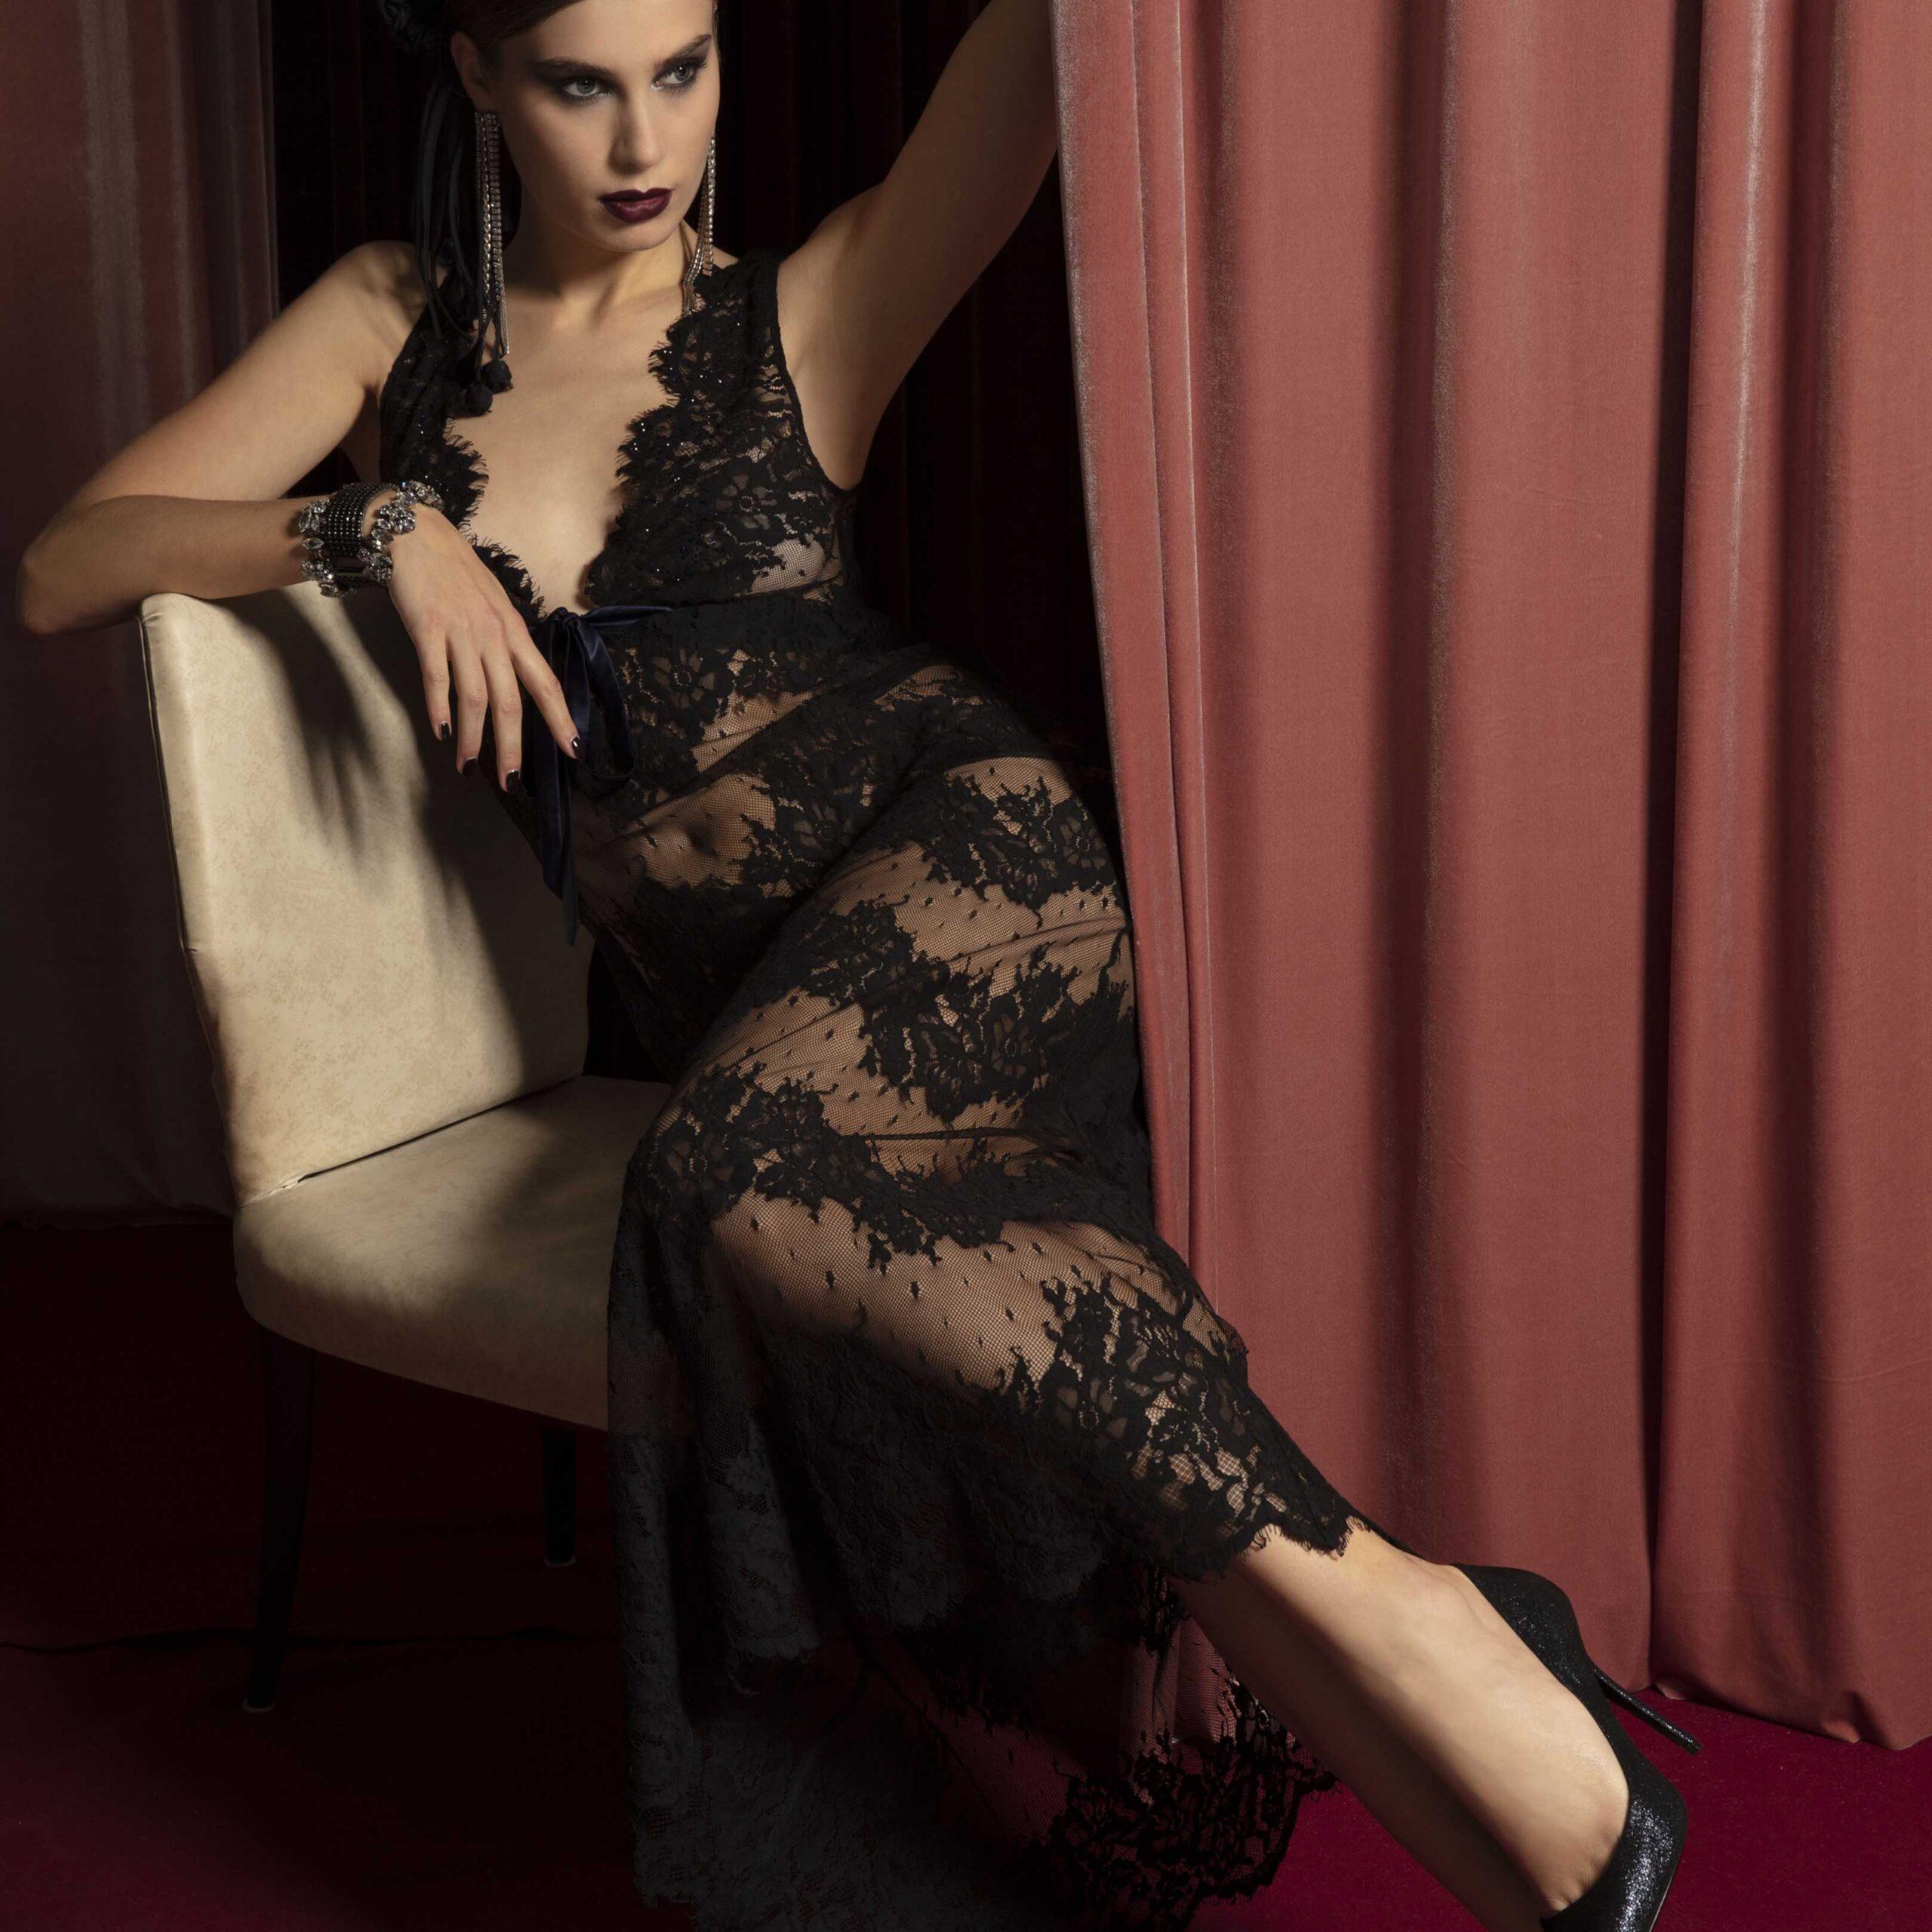 vestito-pizzo-nero-valery-prestige-lingerie-donna-autunno-inverno-2022